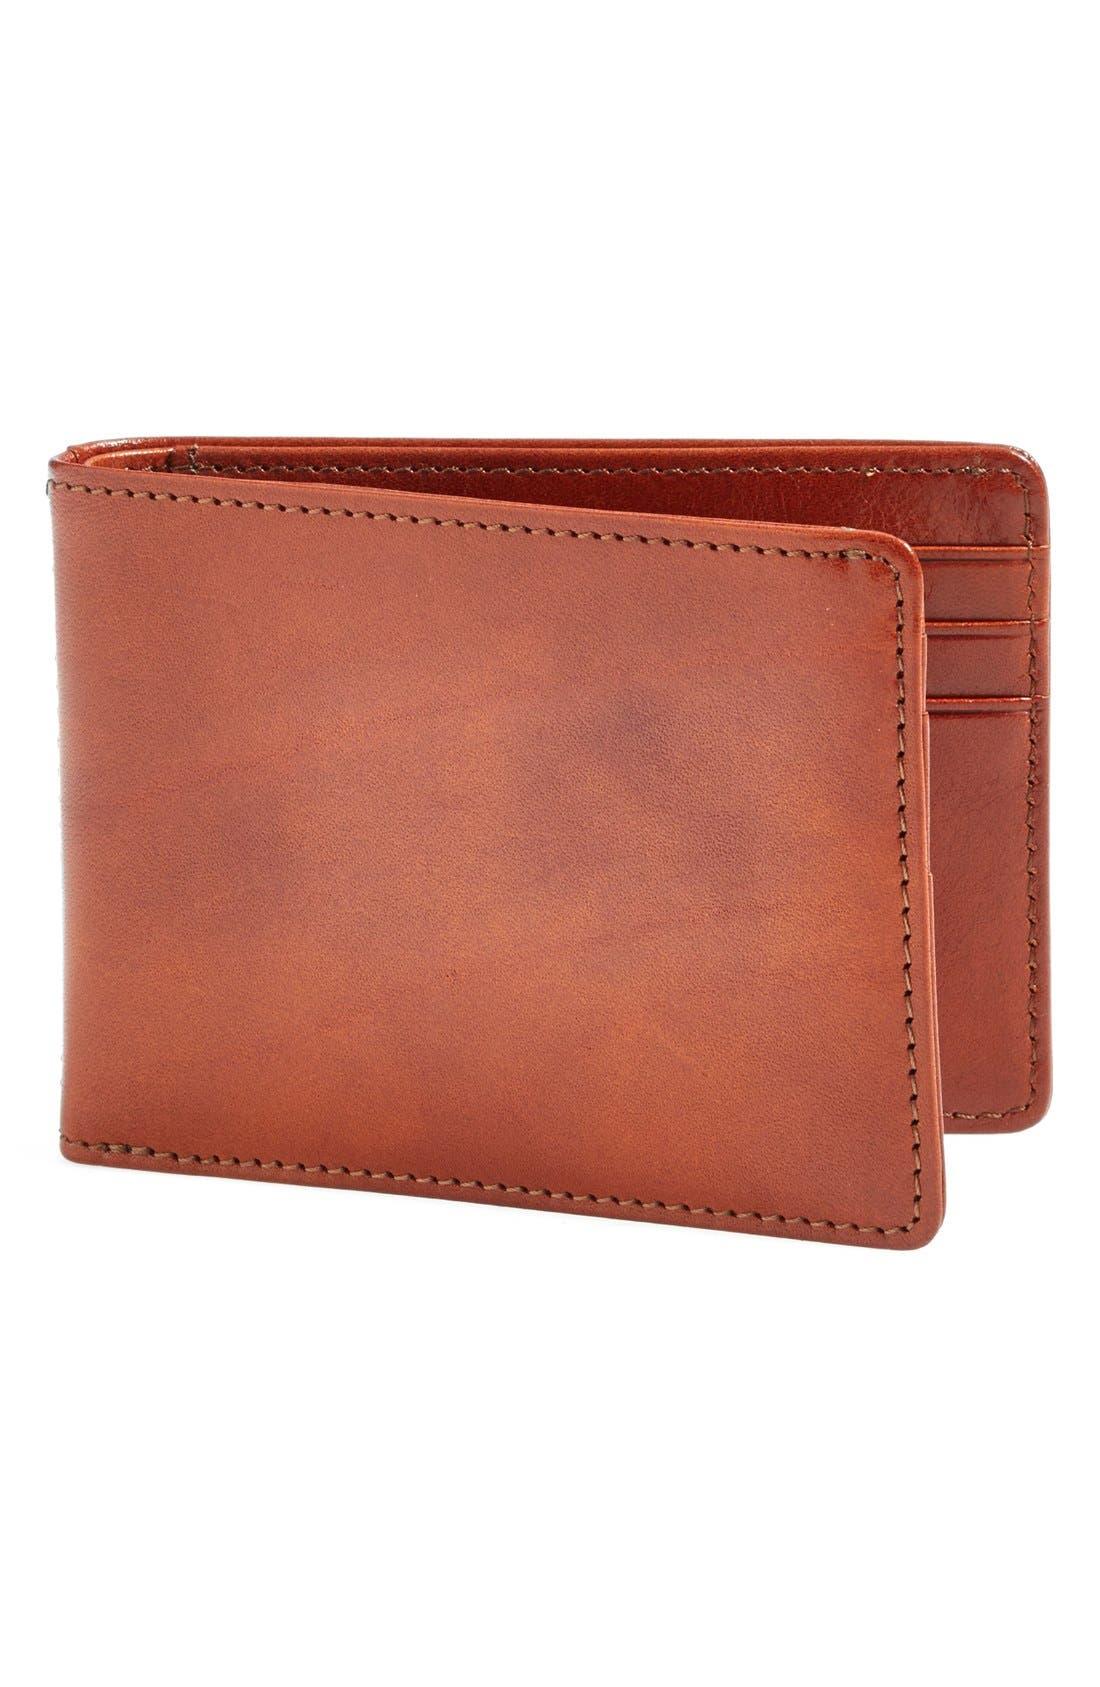 Small Bifold Wallet,                             Main thumbnail 1, color,                             AMBER